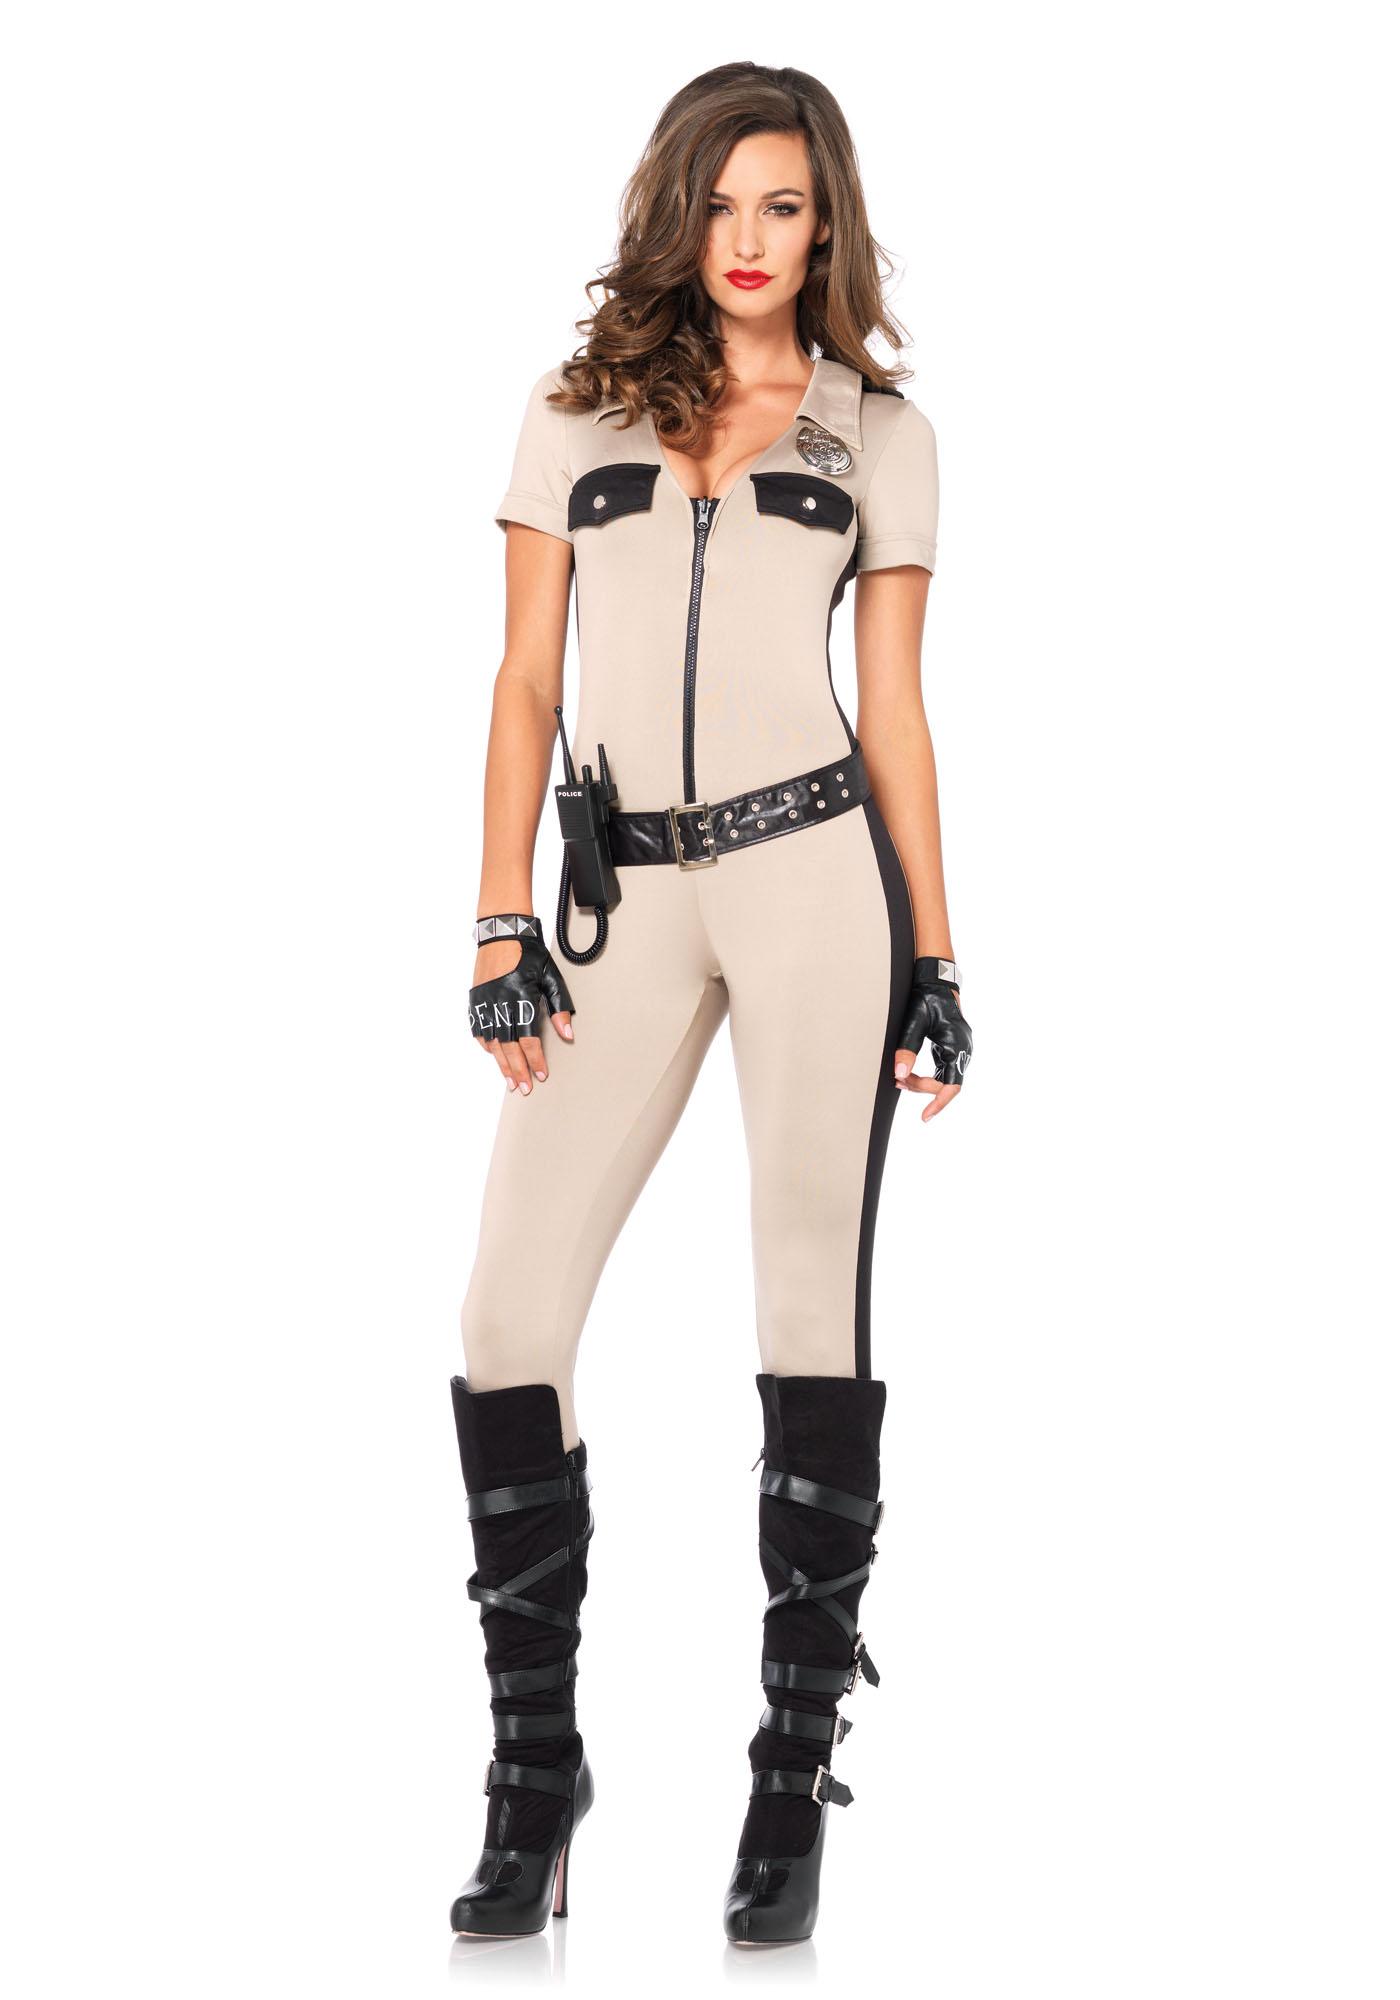 a079cbc769b8b7 Leuke politievrouw kostuum voor vrouwen